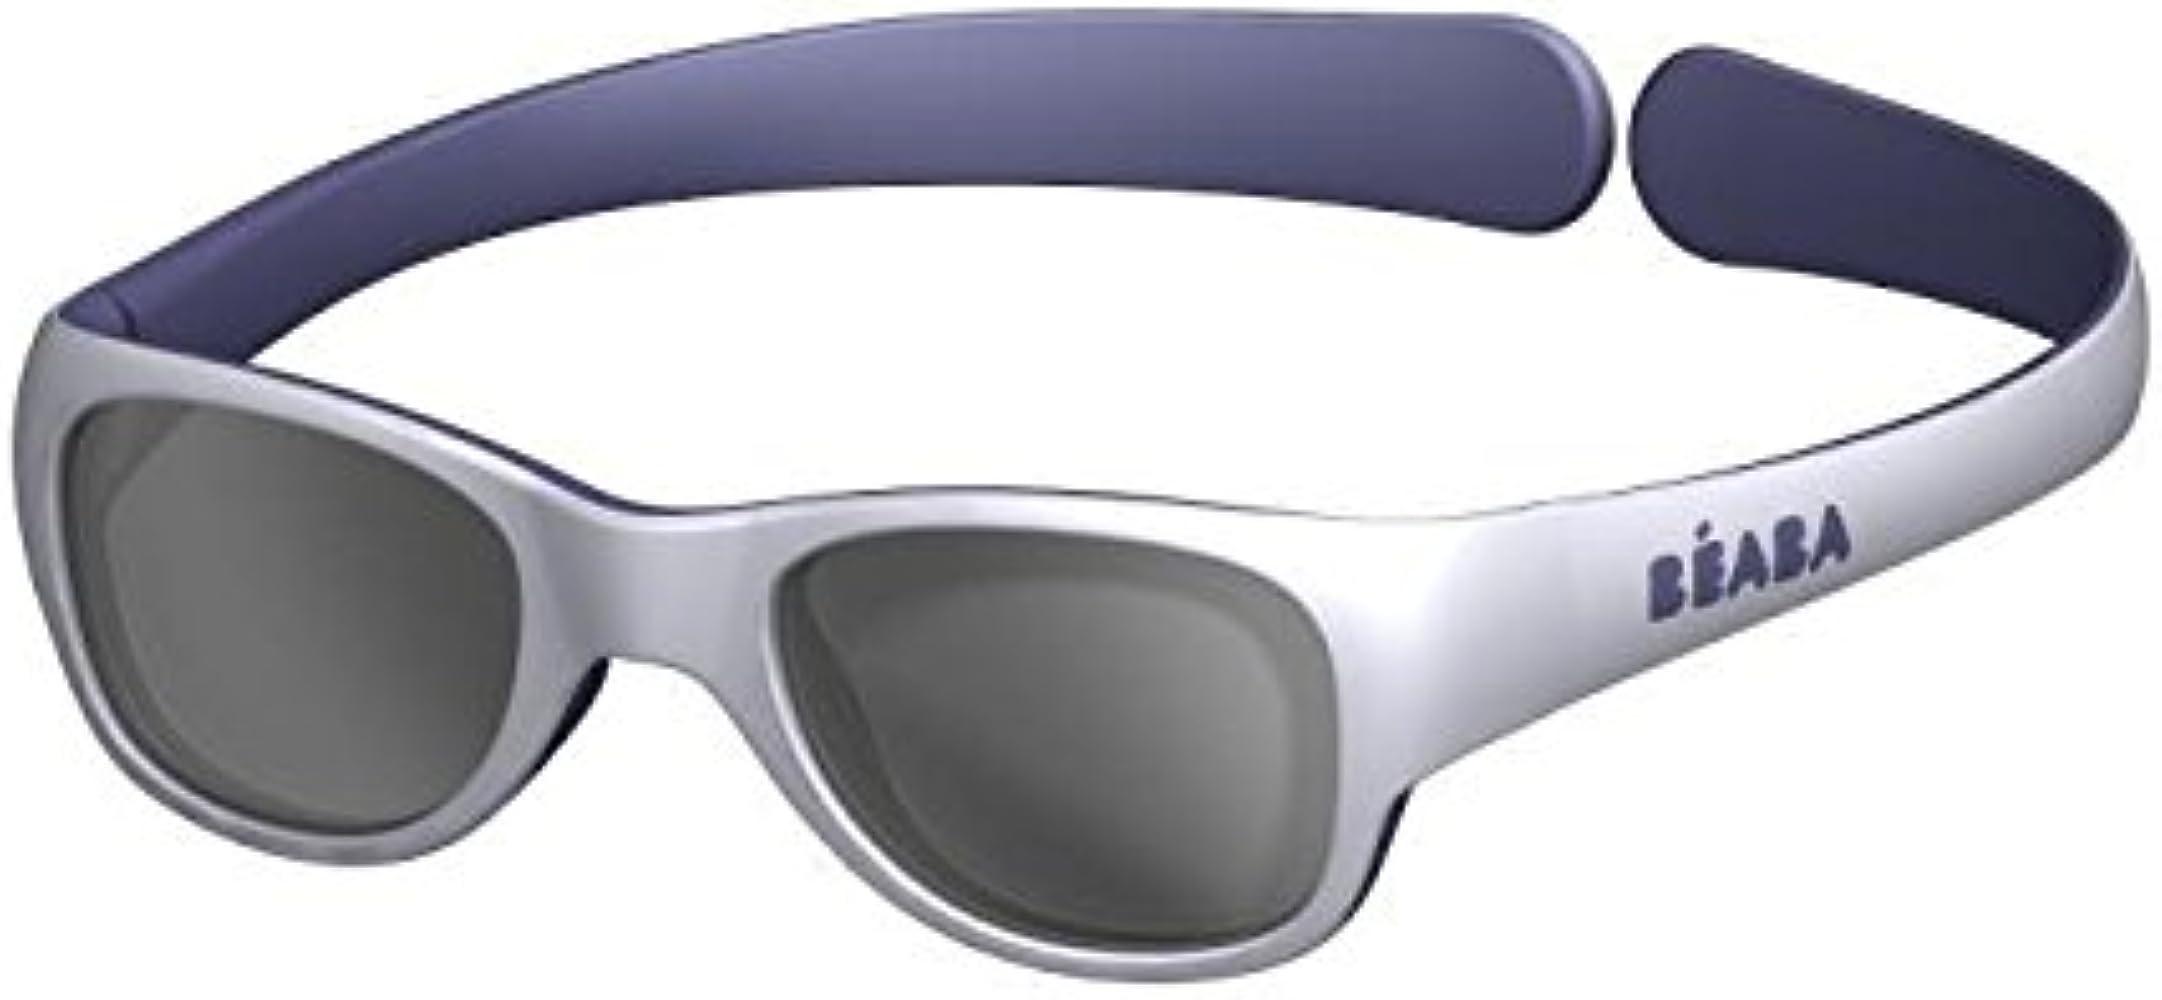 Beaba-Gafas de sol traveller 360°, color gris y morado ...